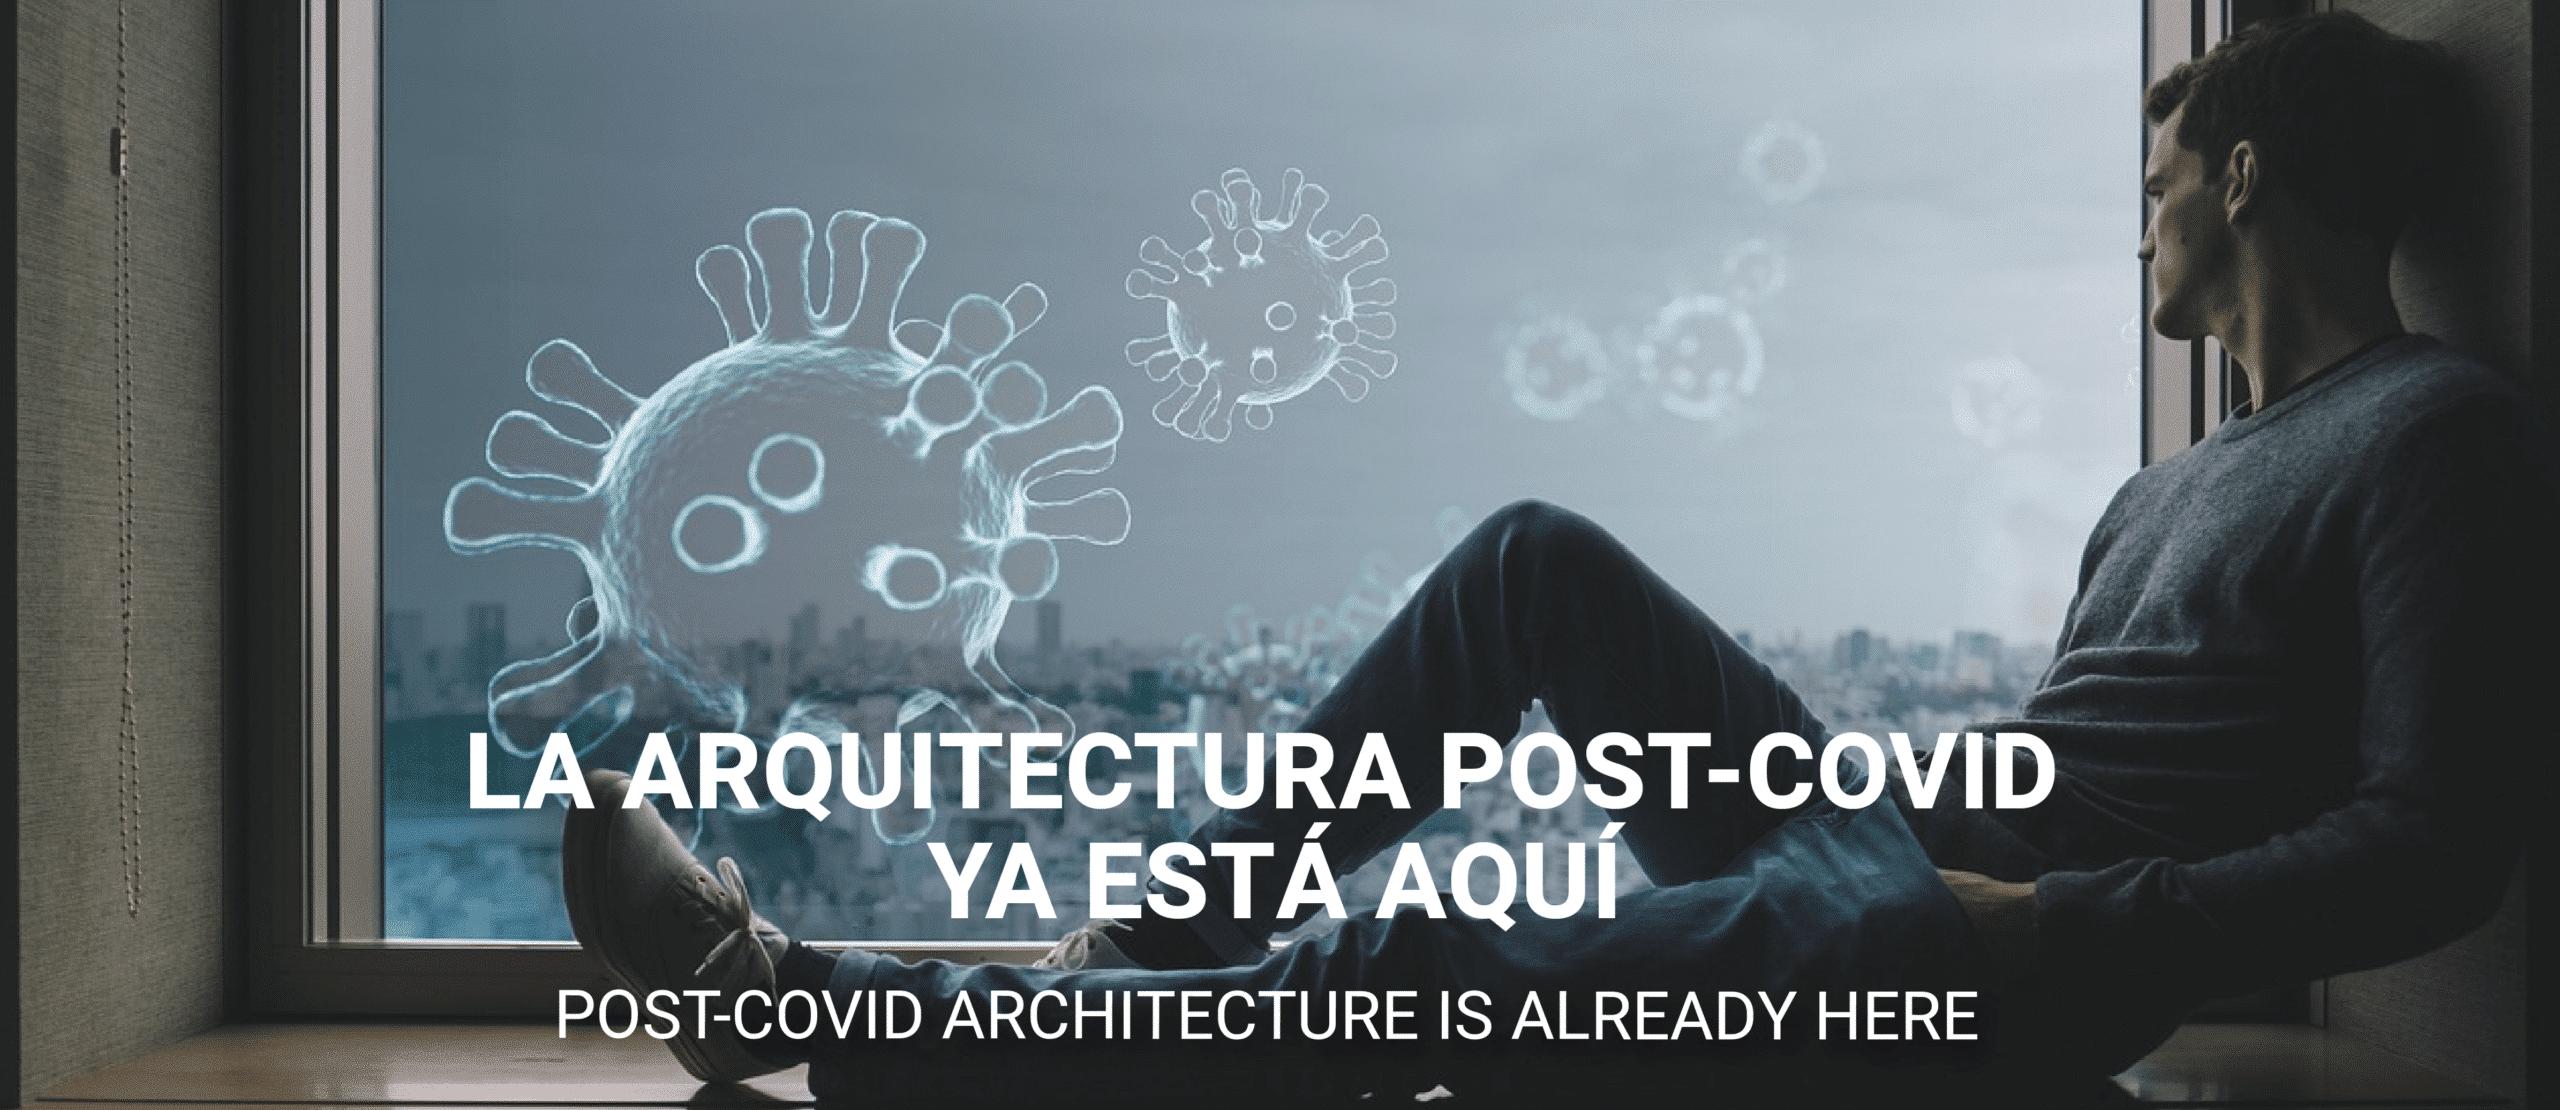 La arquitectura post-COVID